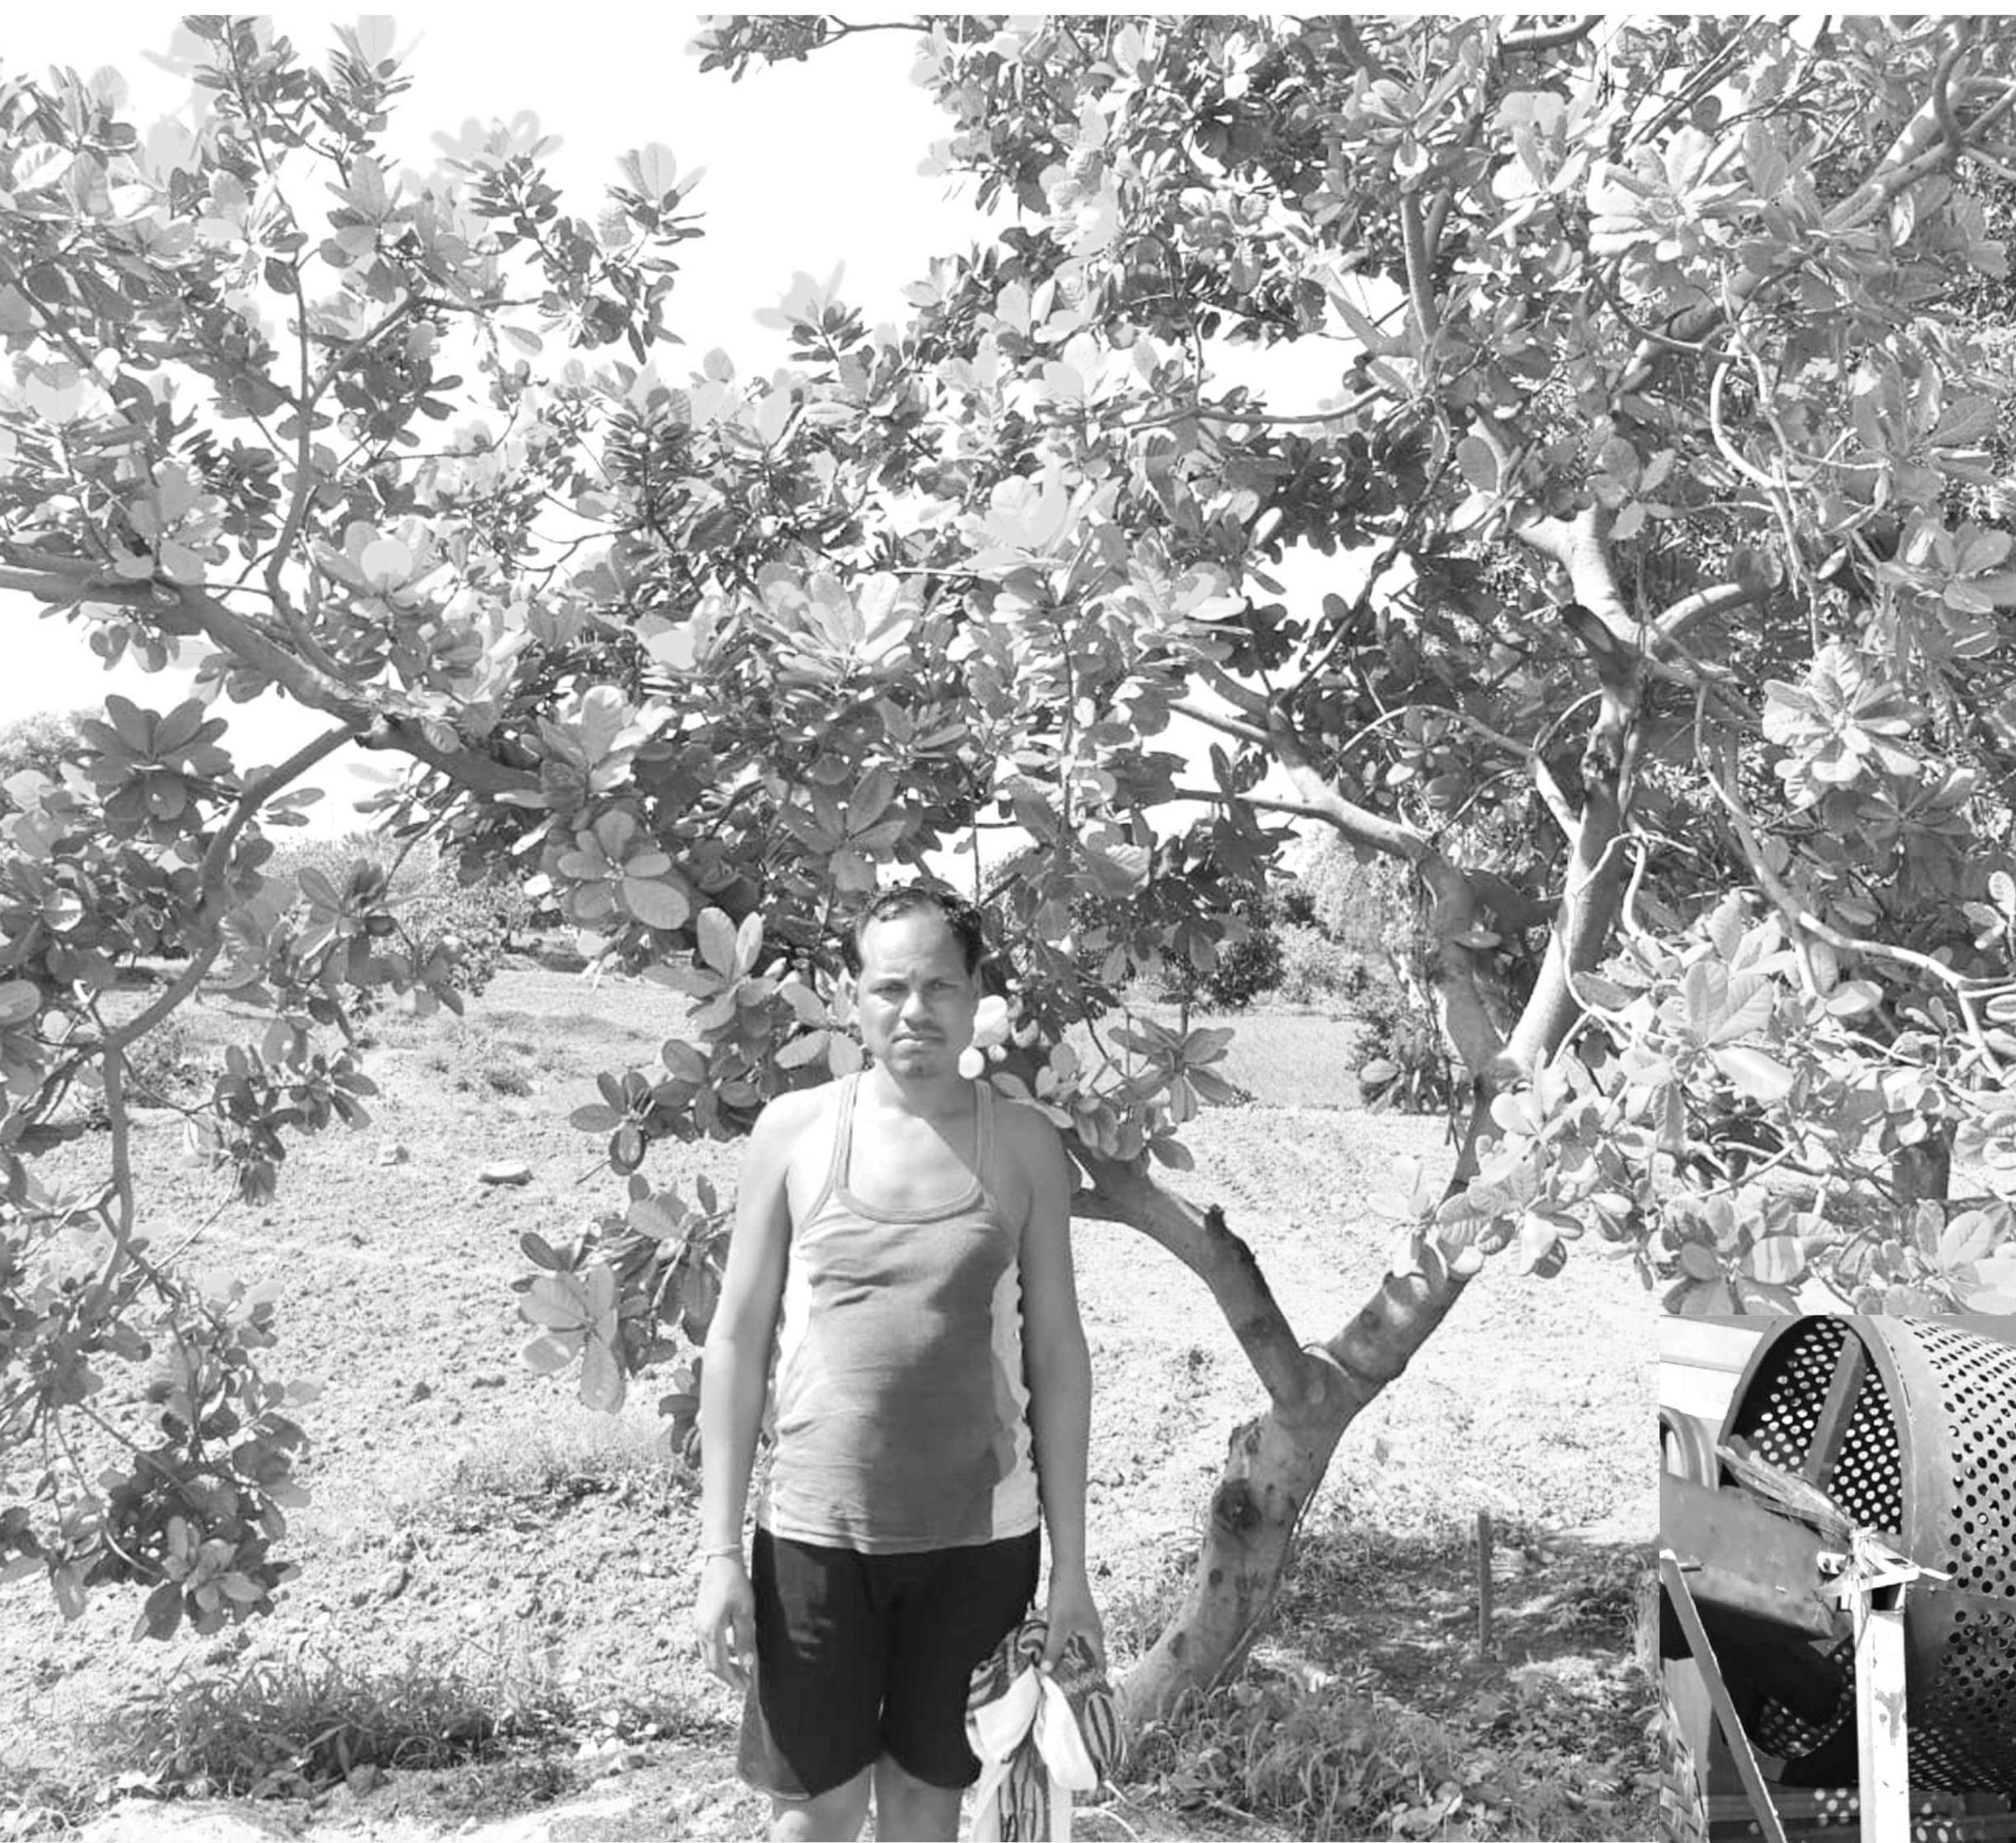 काजू बनी बेल और फंदे पर लटक गए किसान